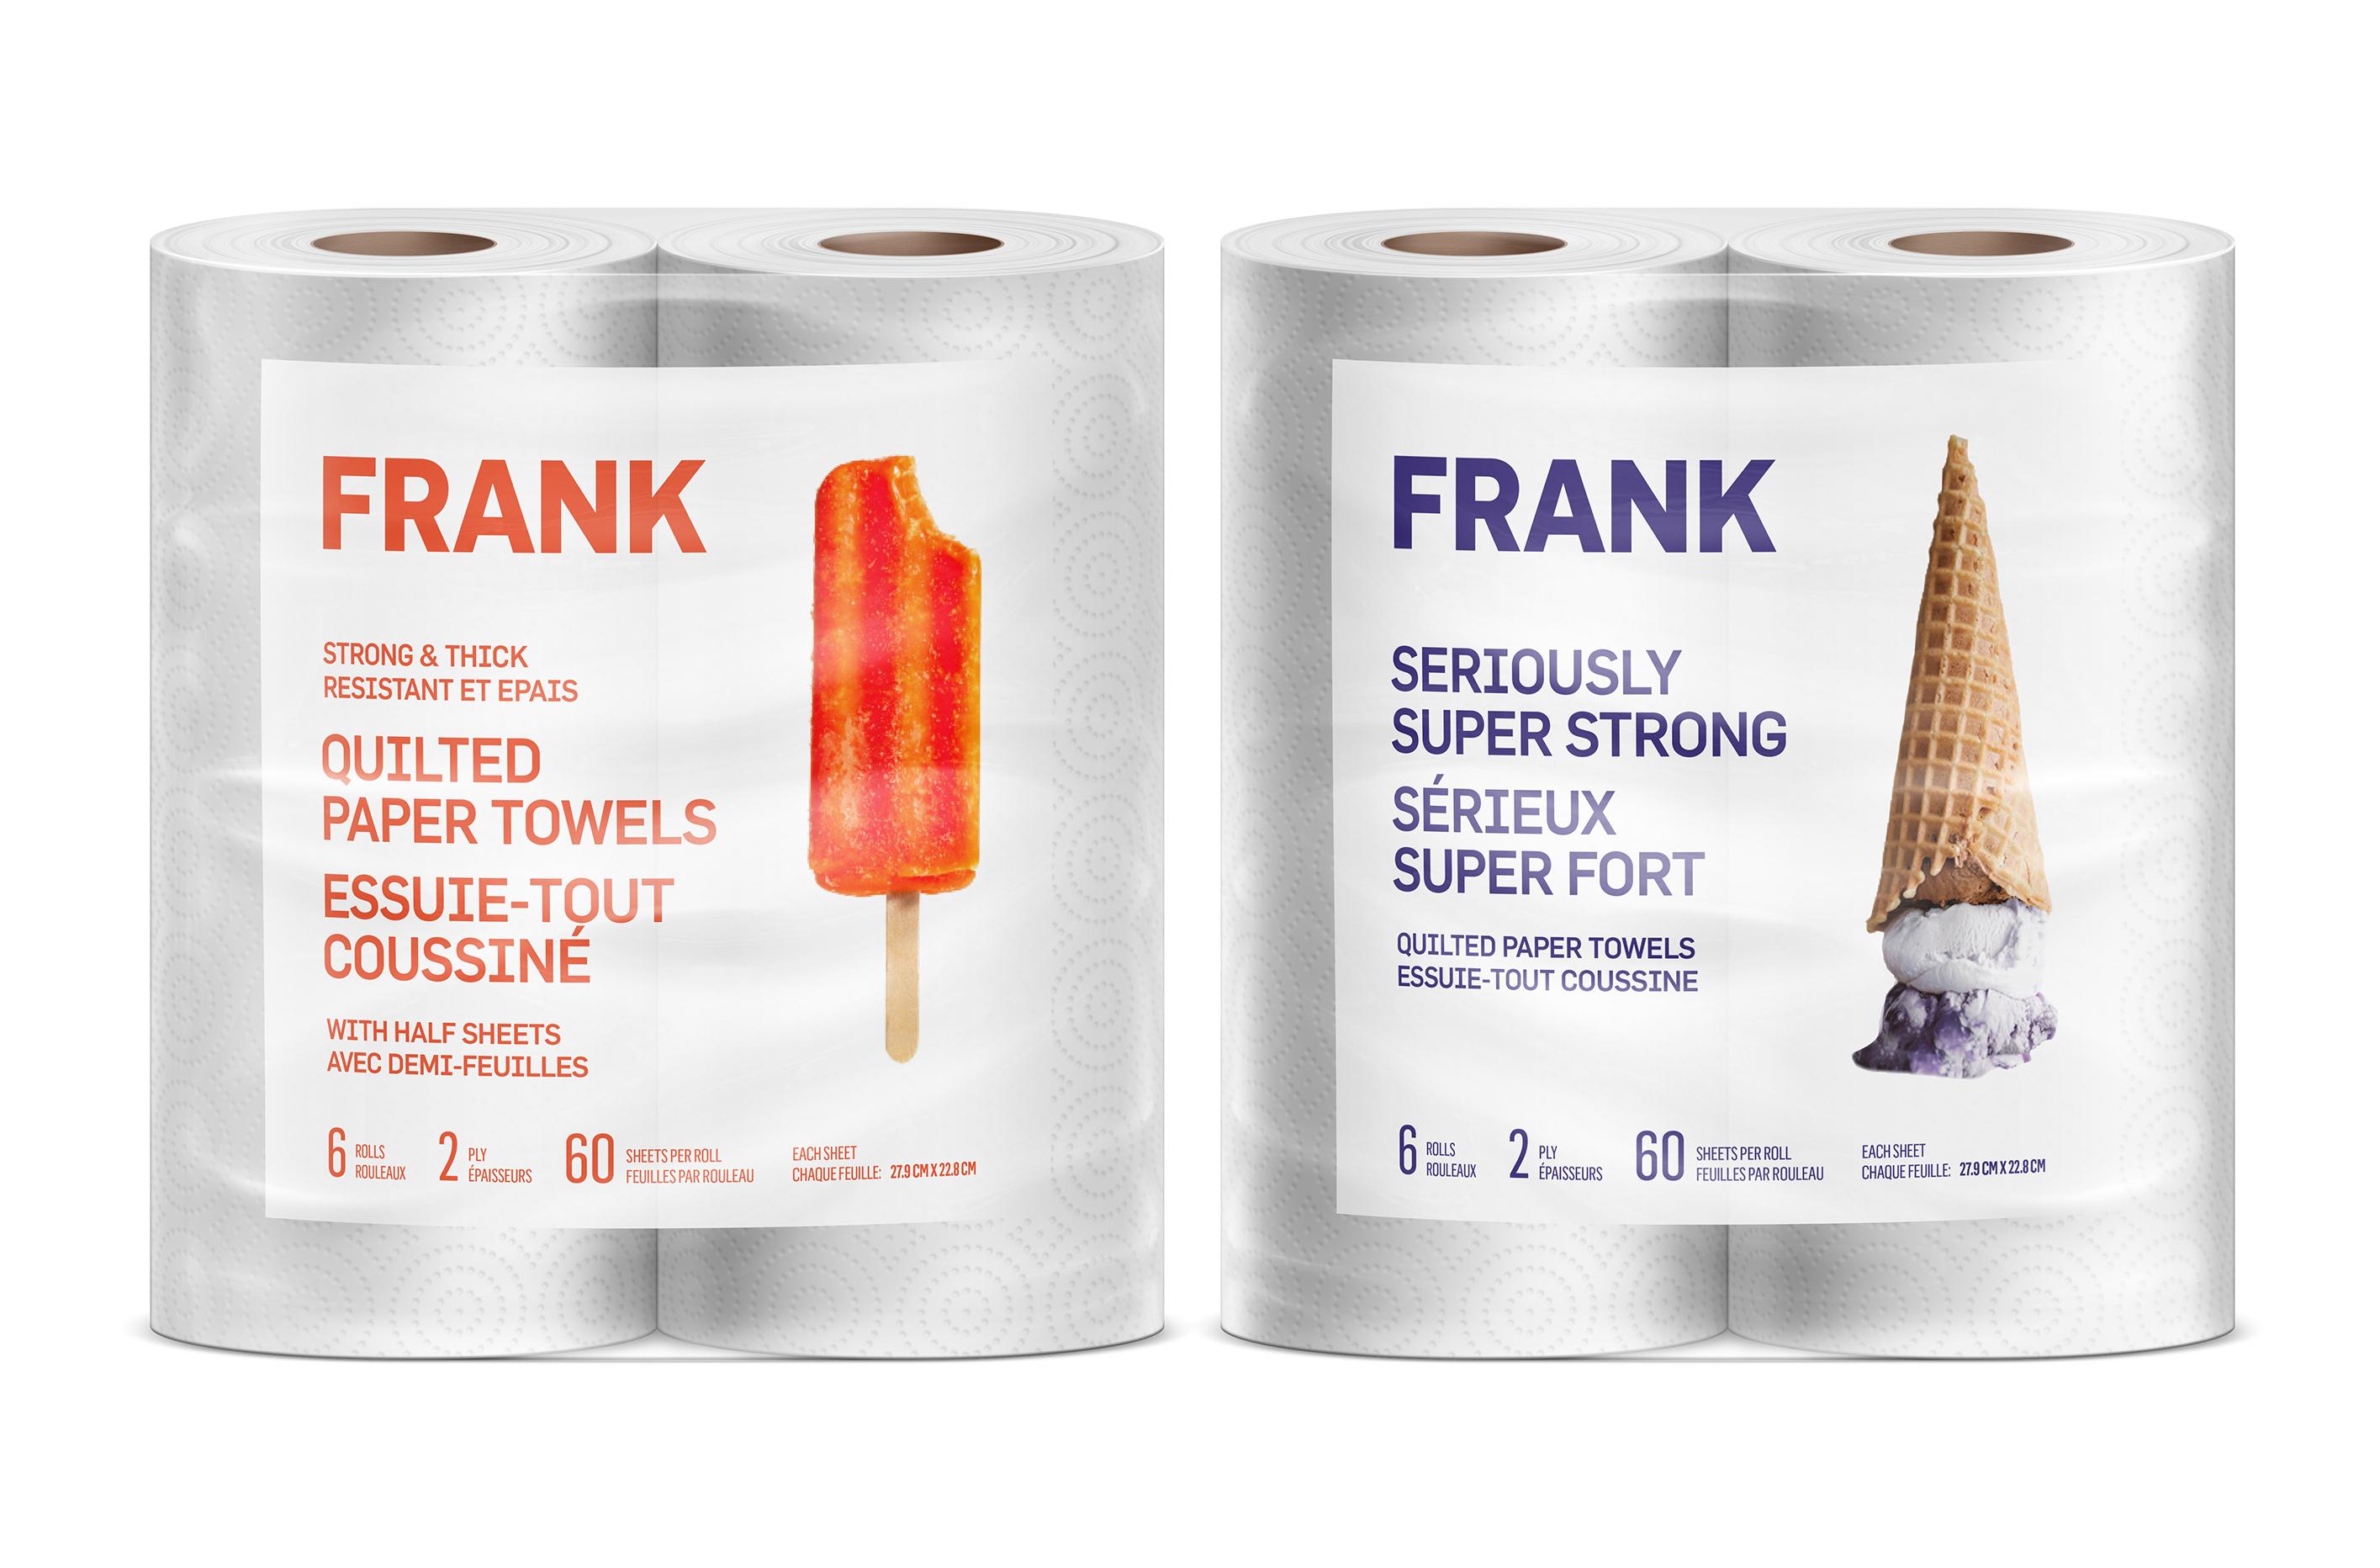 Frank Paper Towels